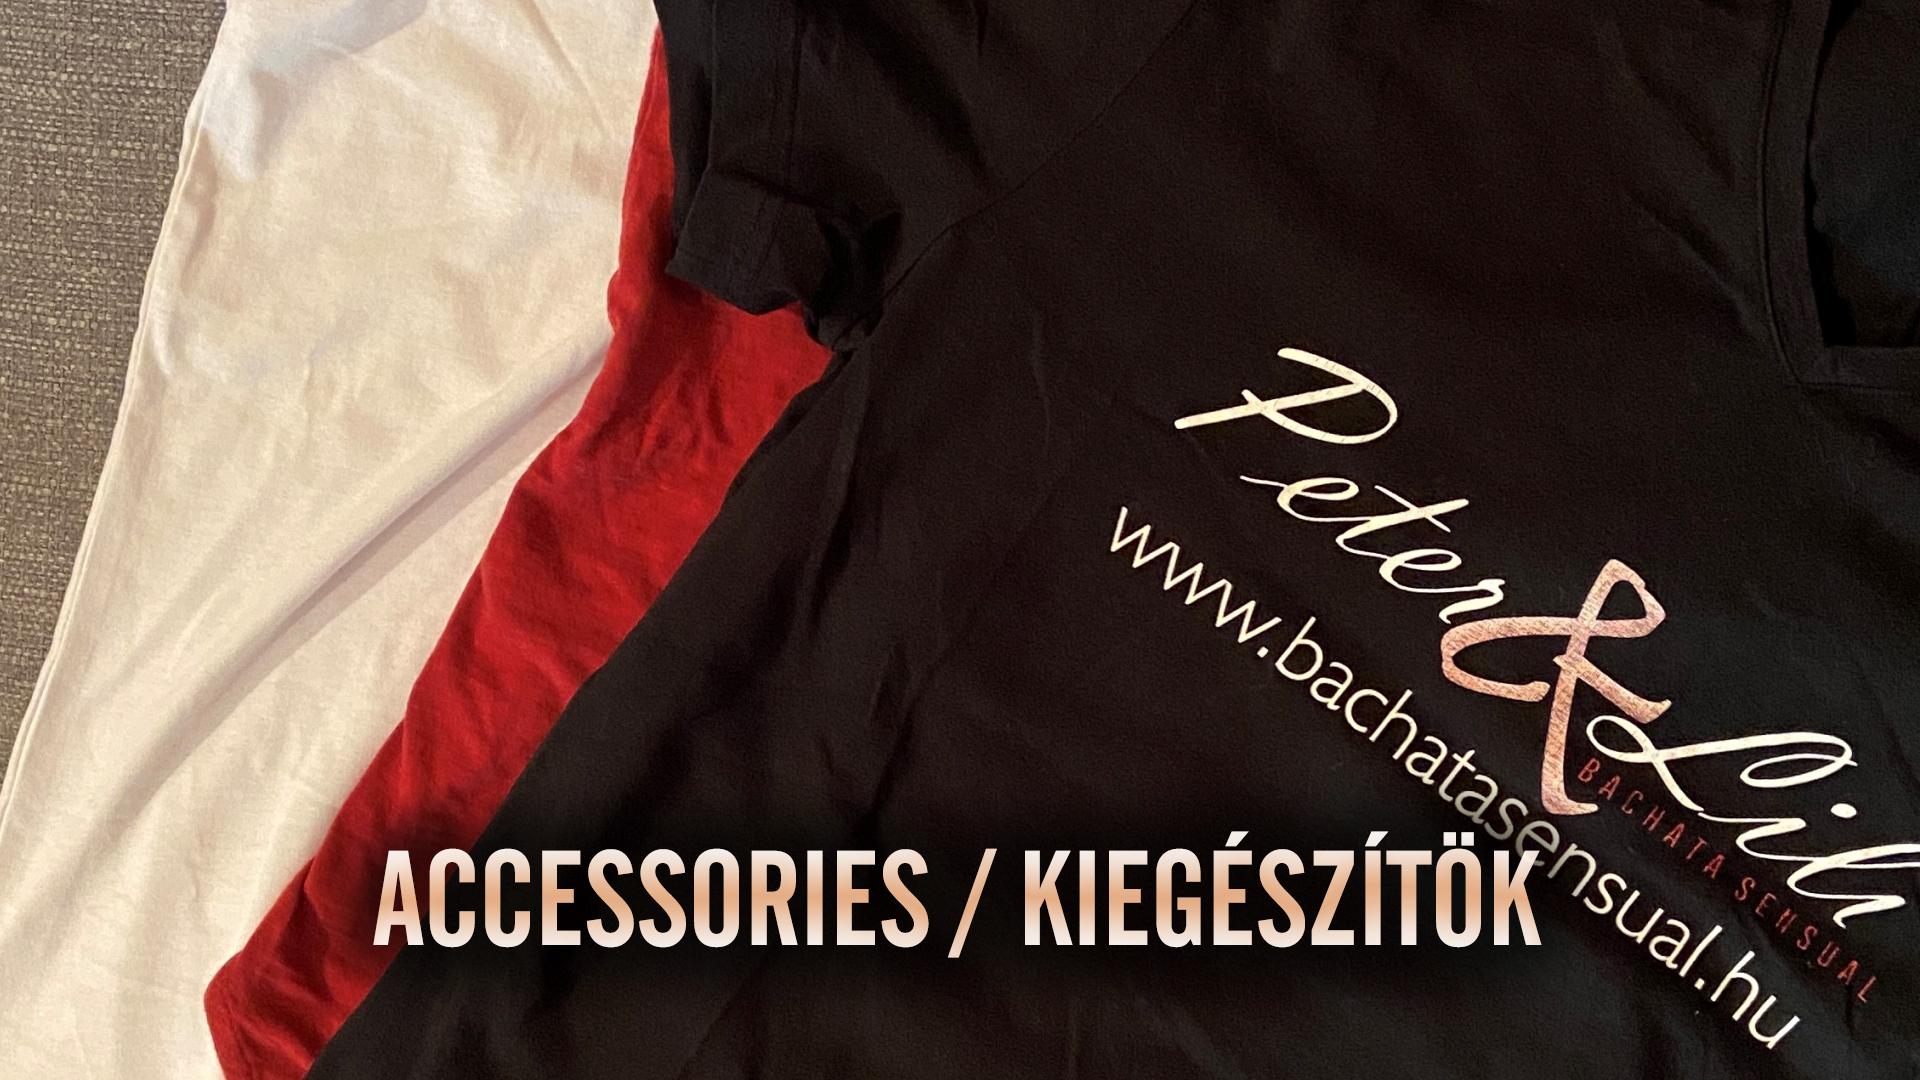 Accessories / Kiegészítők